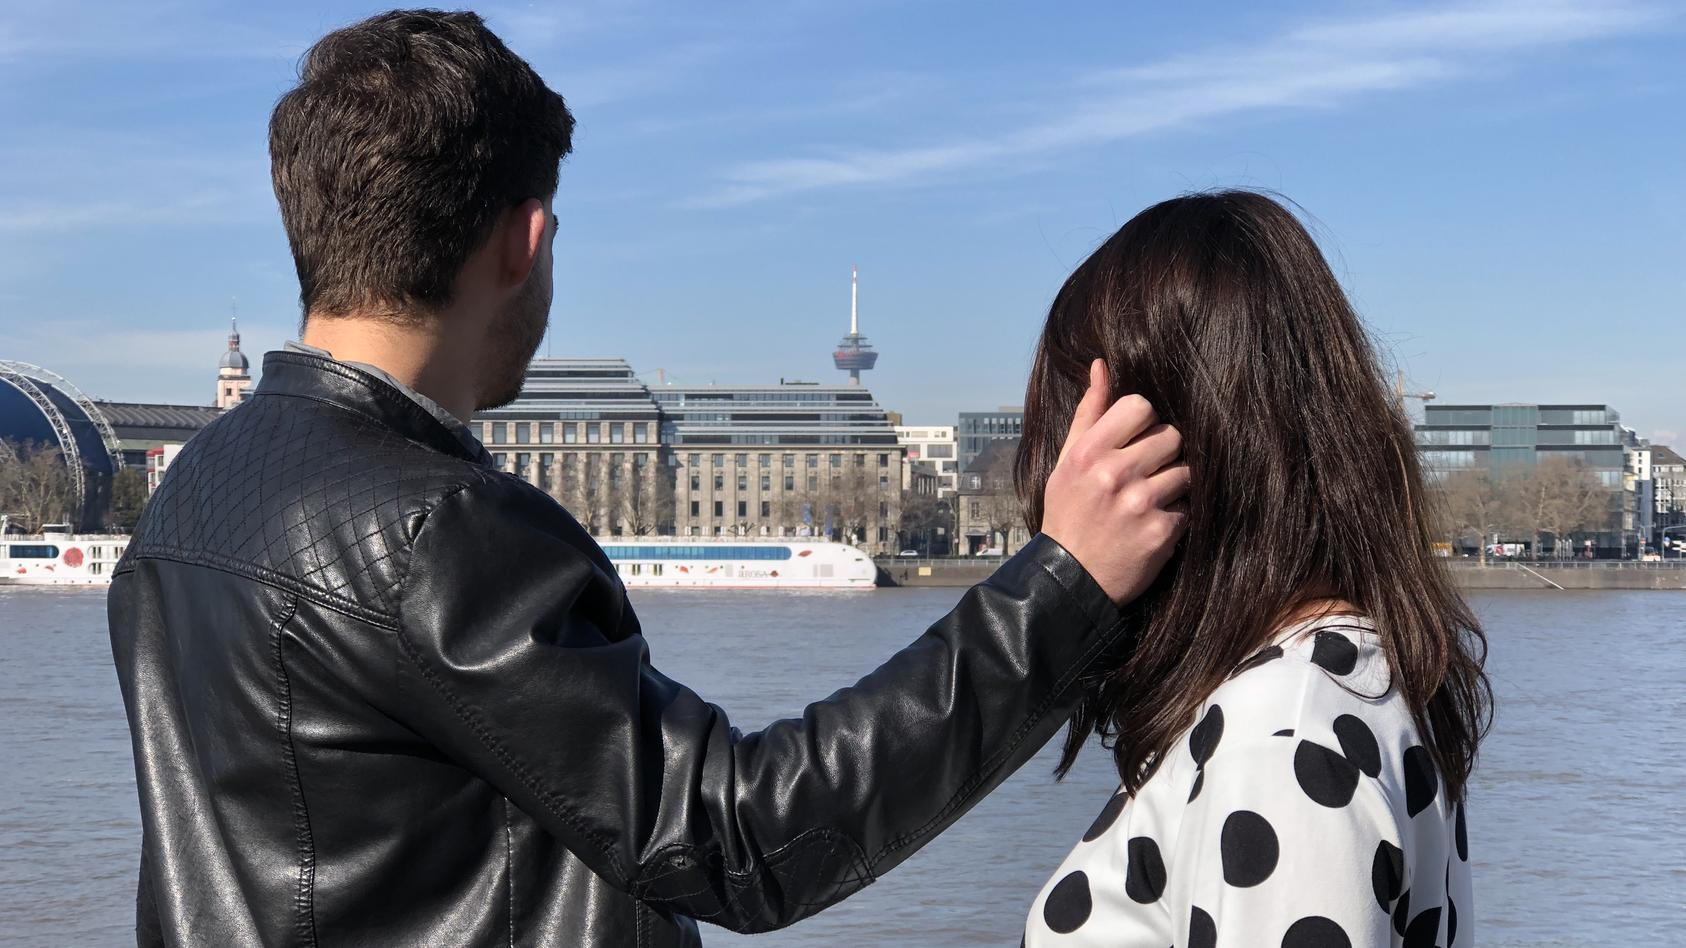 Kolumnistin Tina Tinderina sucht per Dating-App einen Freund.